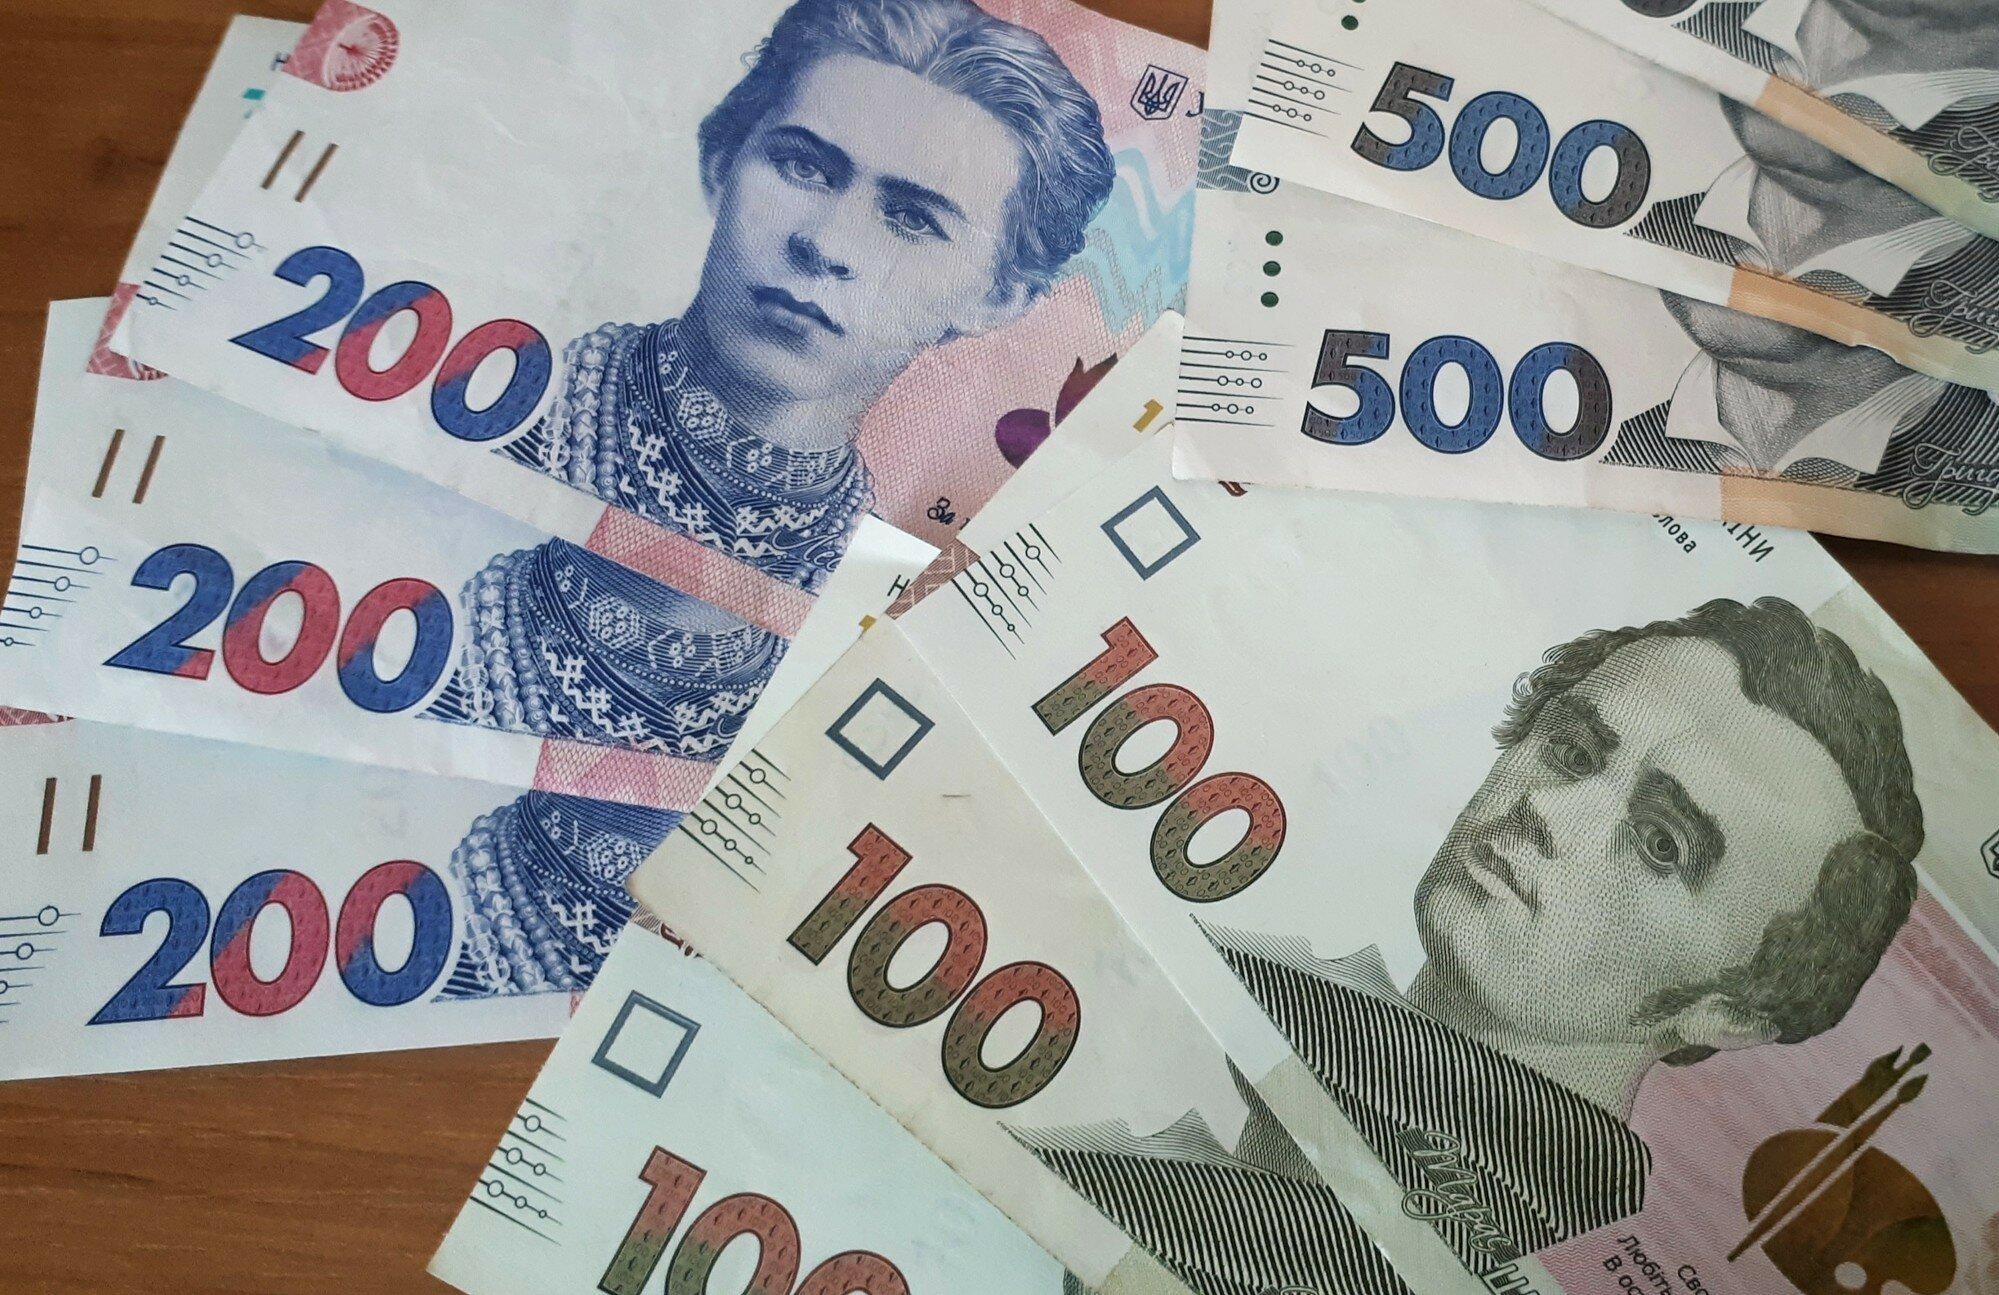 ВВП Украины: Dragon Capital улучшила прогноз роста - Бизнес и Финансы - Курс Украины